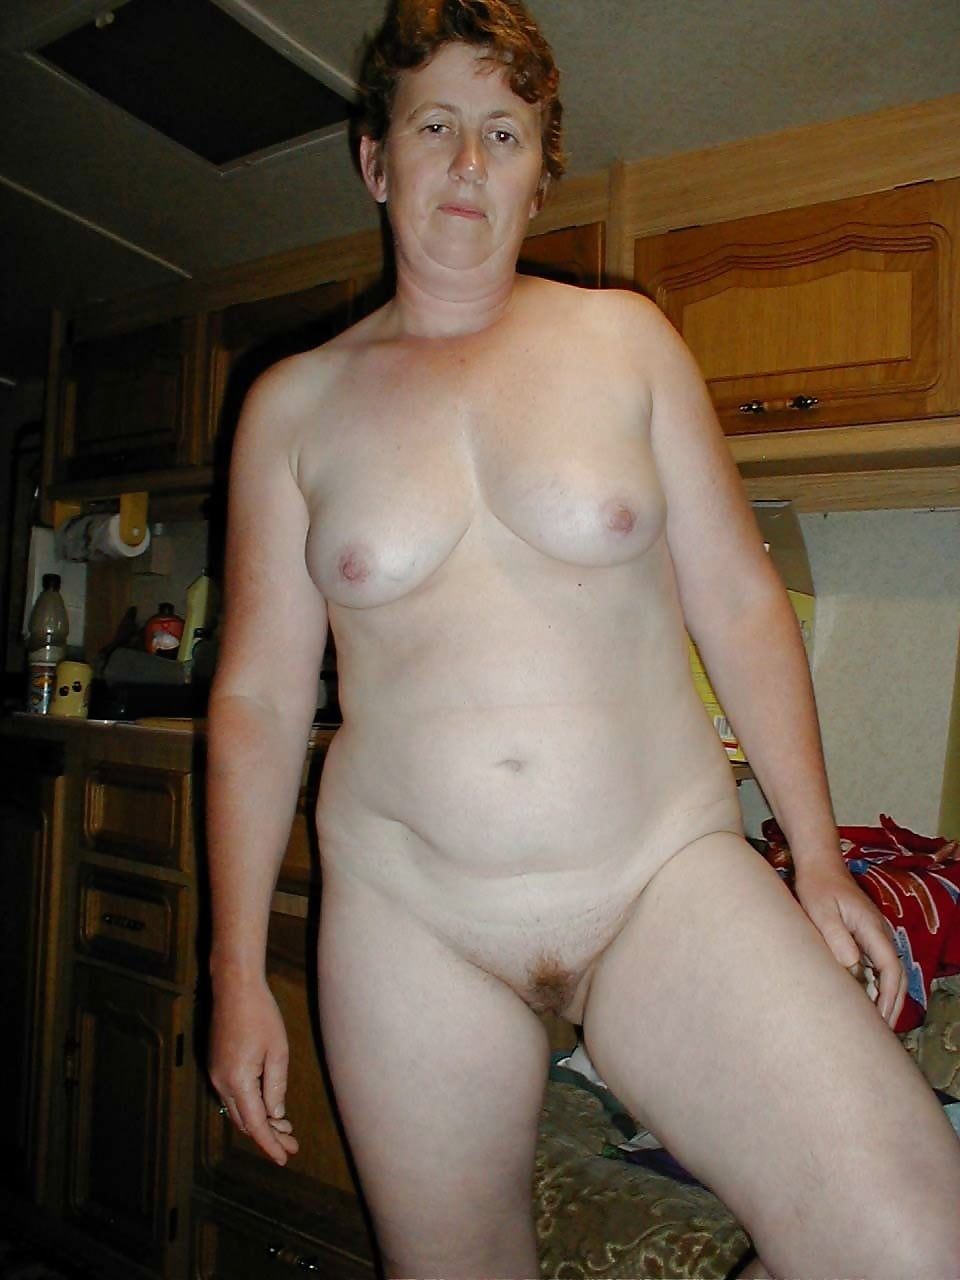 Она голышом ню фото тещу фотографирует зять трахают прямом эфире